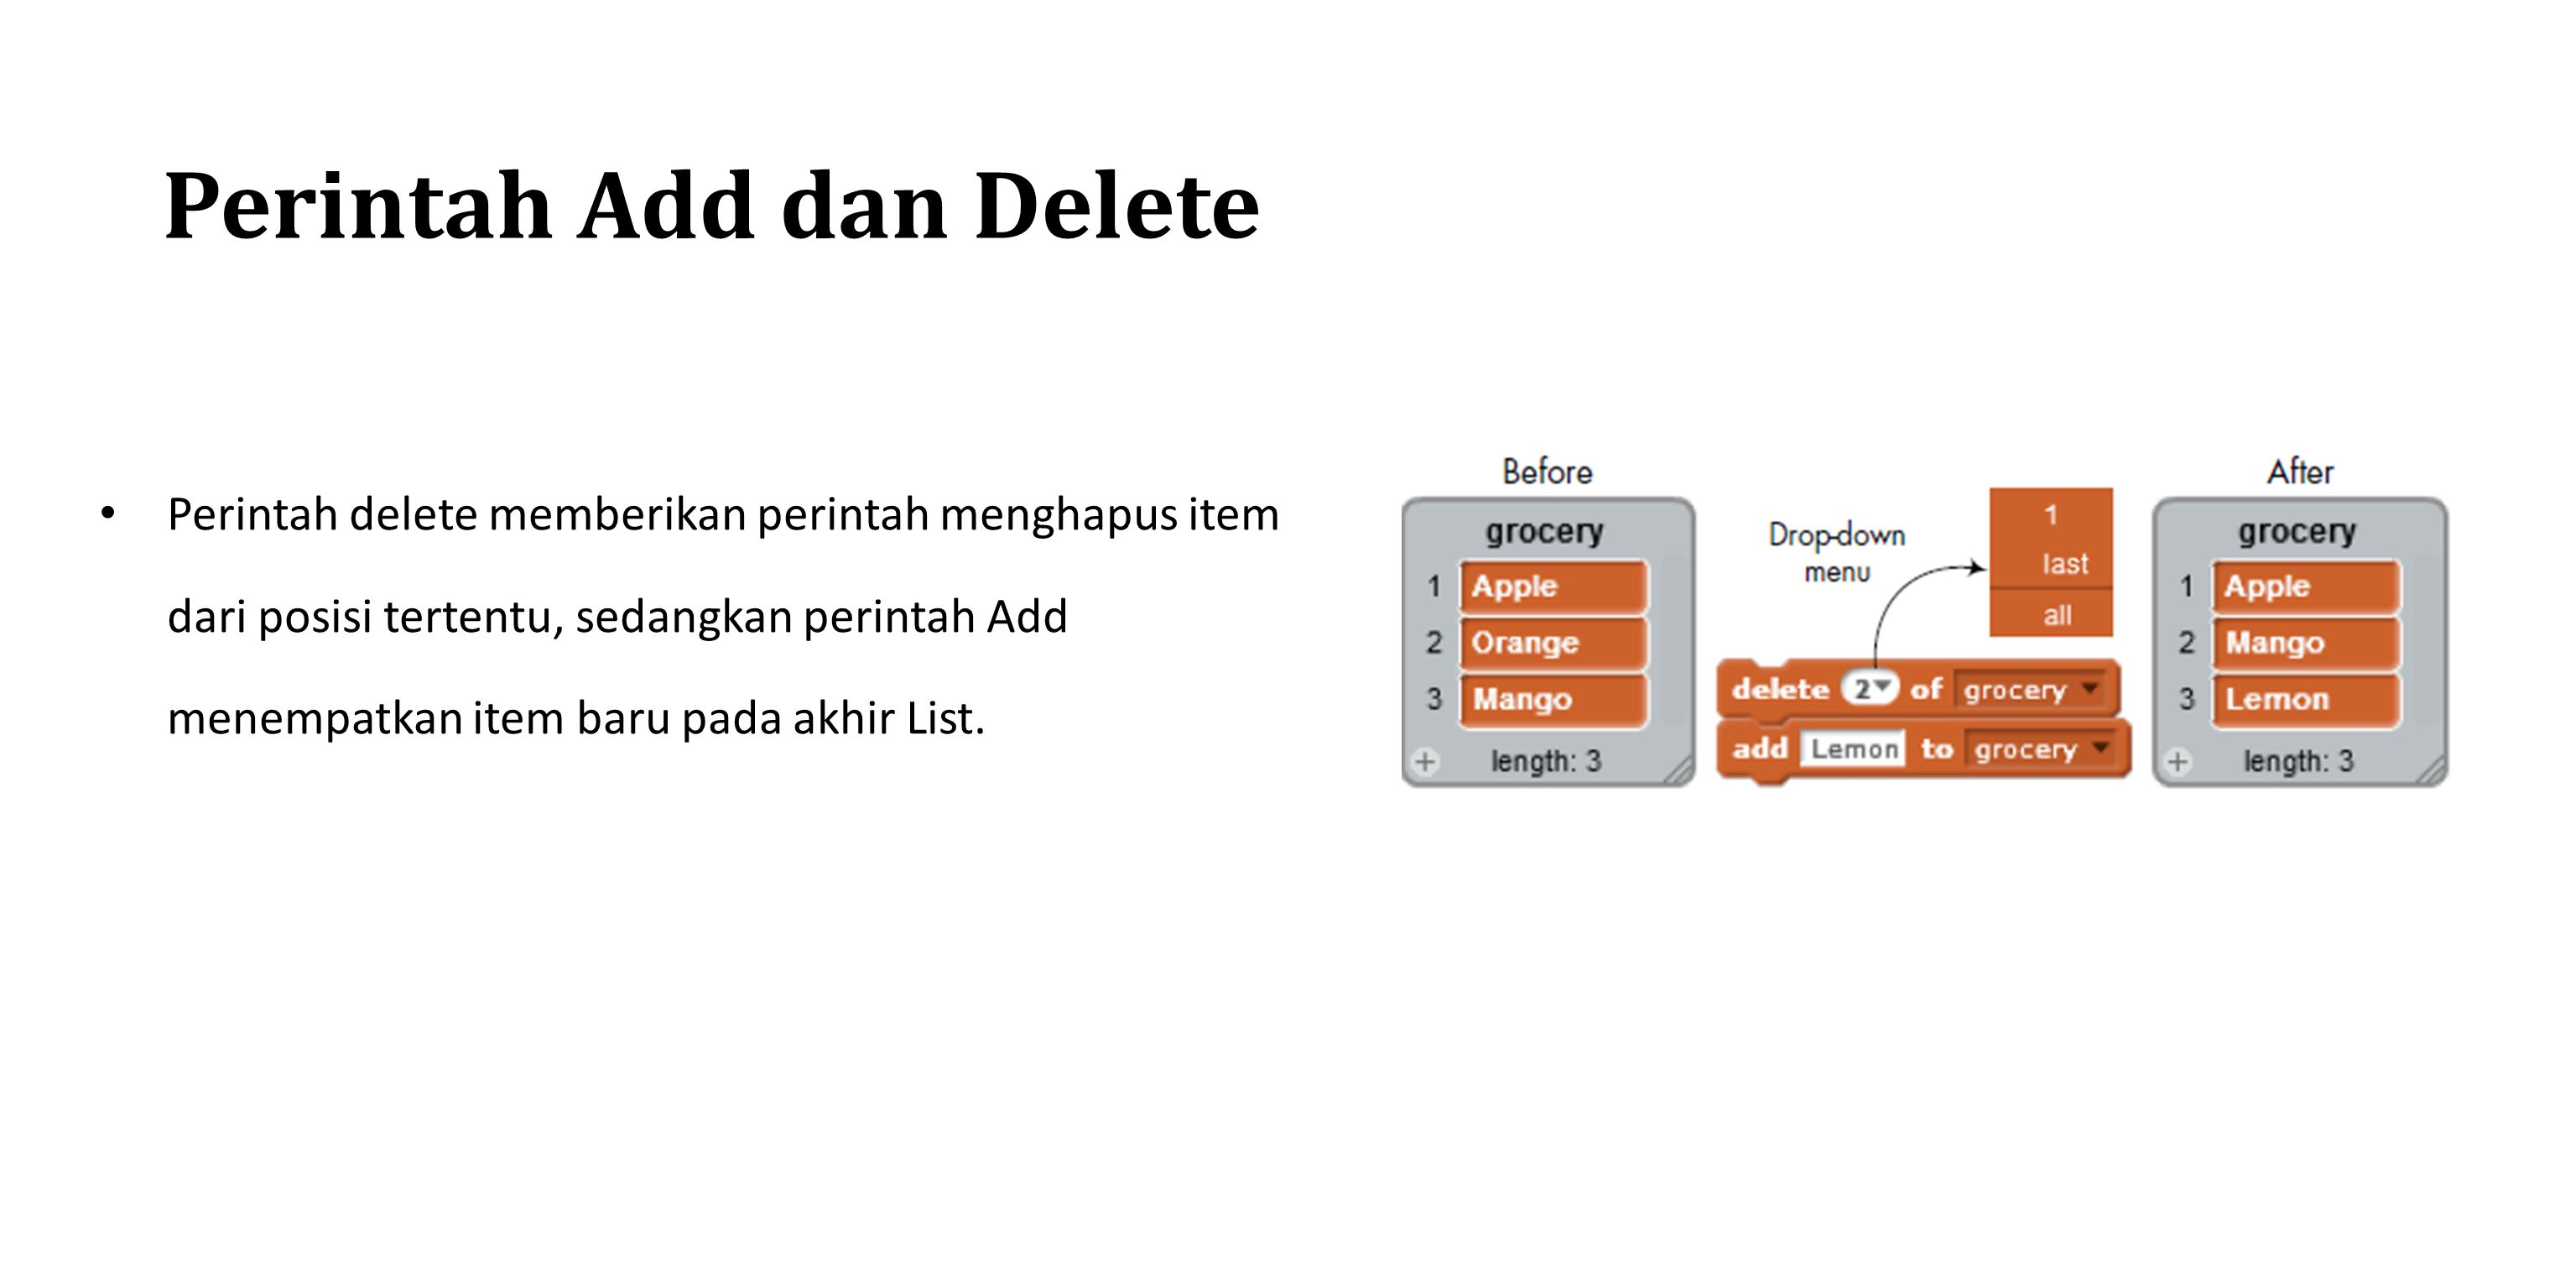 Perintah Add dan Delete